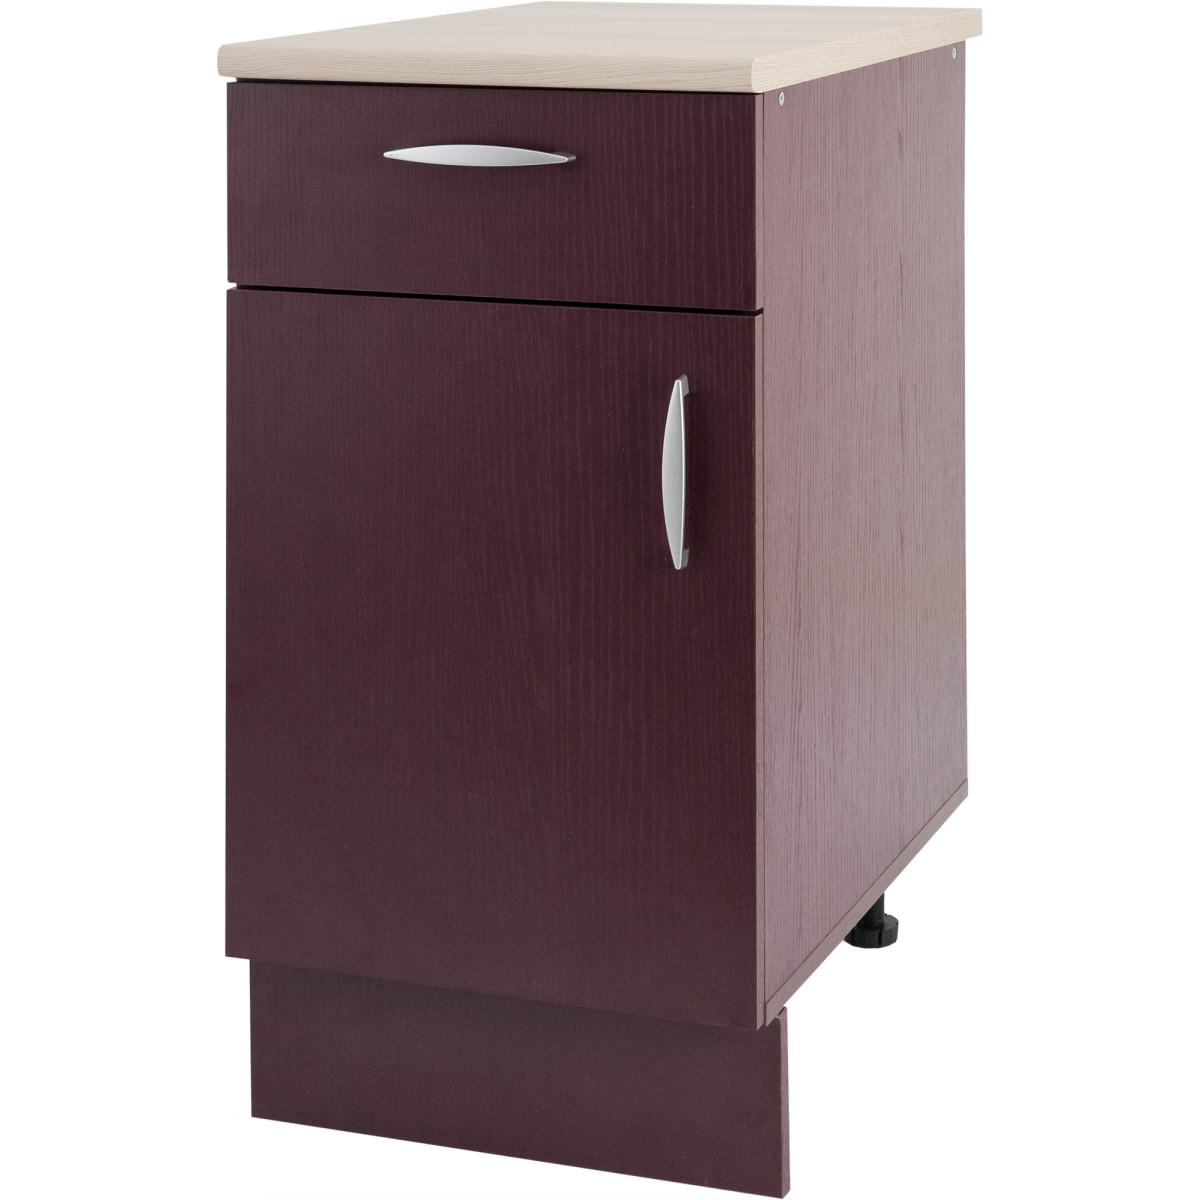 Шкаф напольный Delinia Бургун 40x85.2х60 см ЛДСП цвет бургун